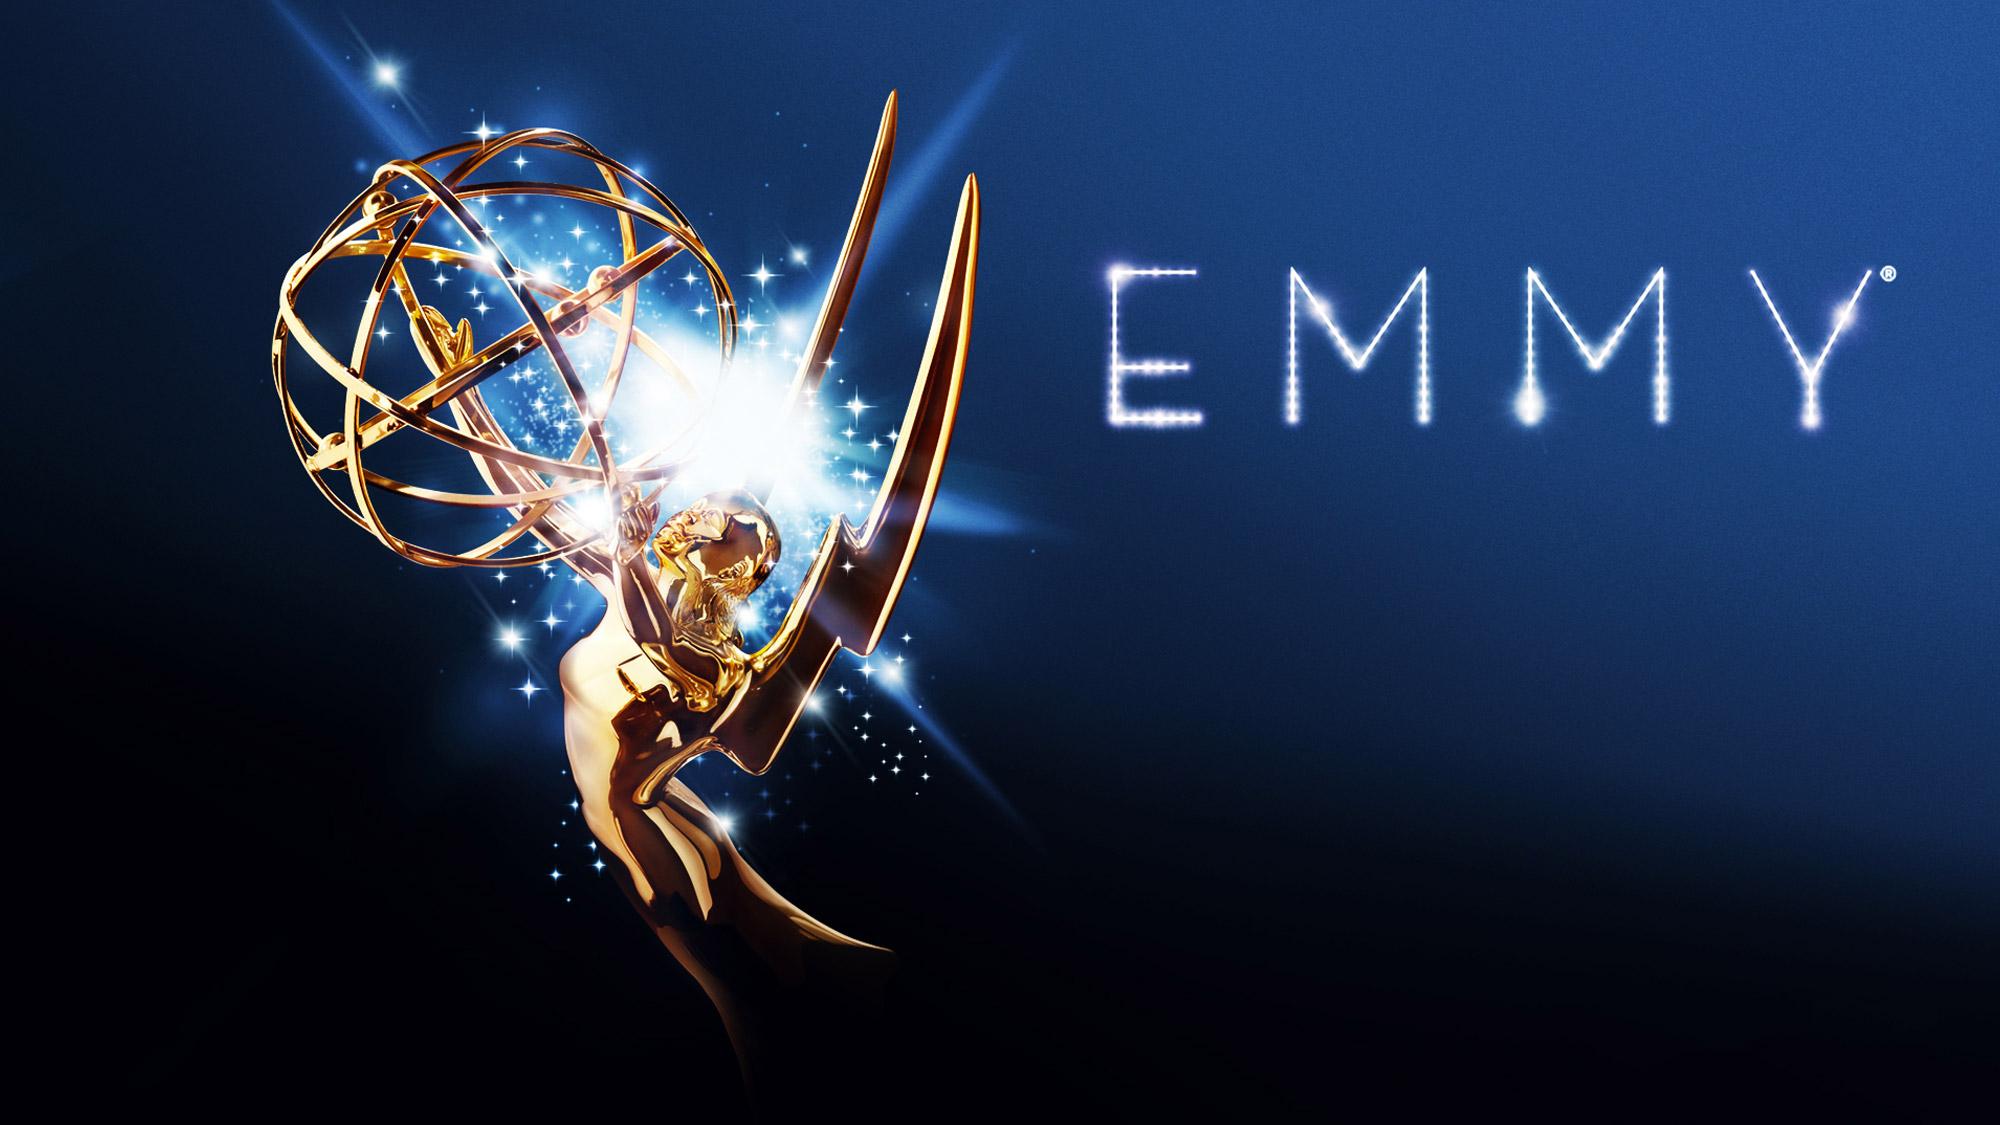 Les 64e Emmy Awards diffusés sur ABC.